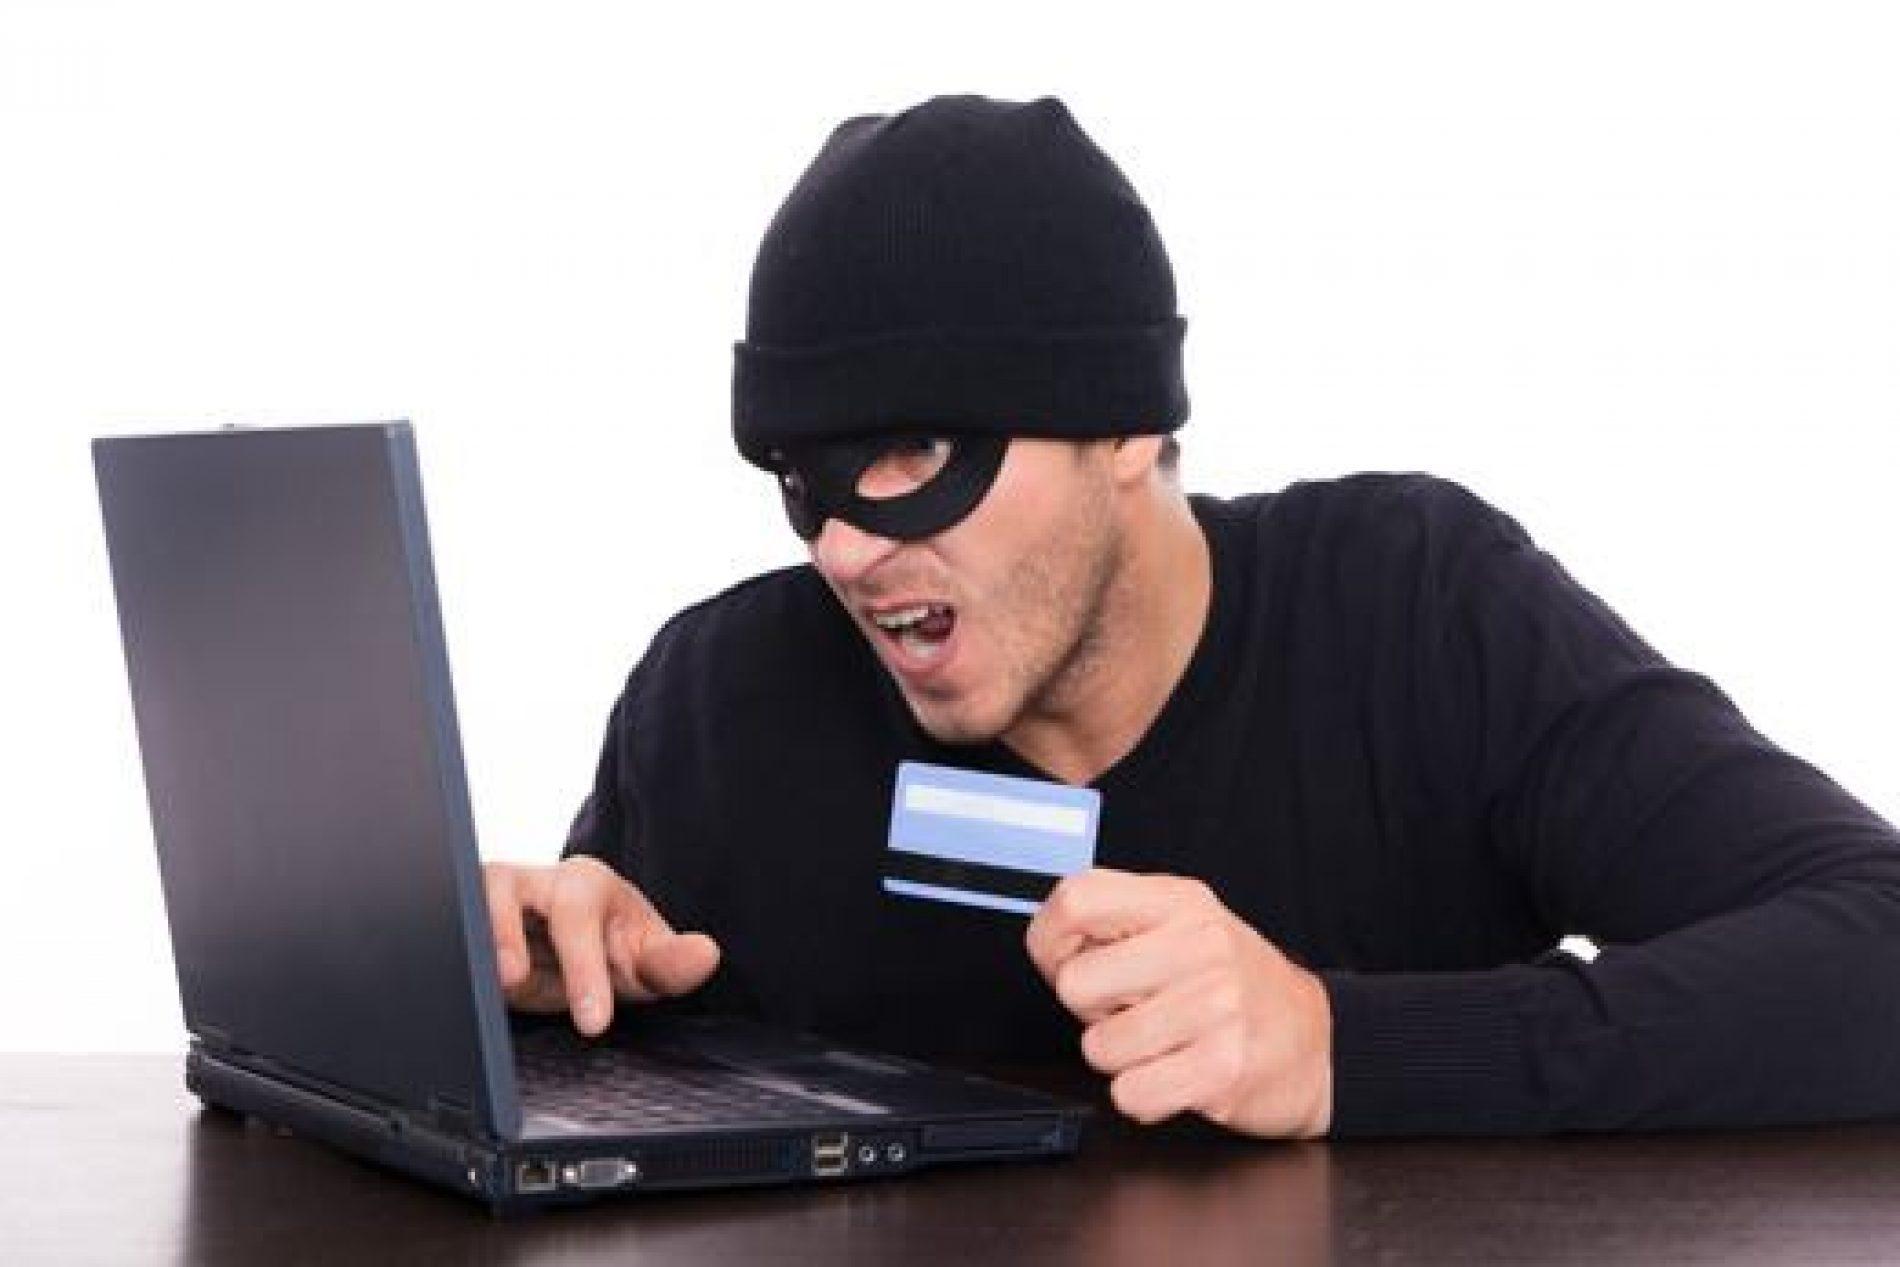 Vítima tem cartões furtados e compras indevidas em seu nome